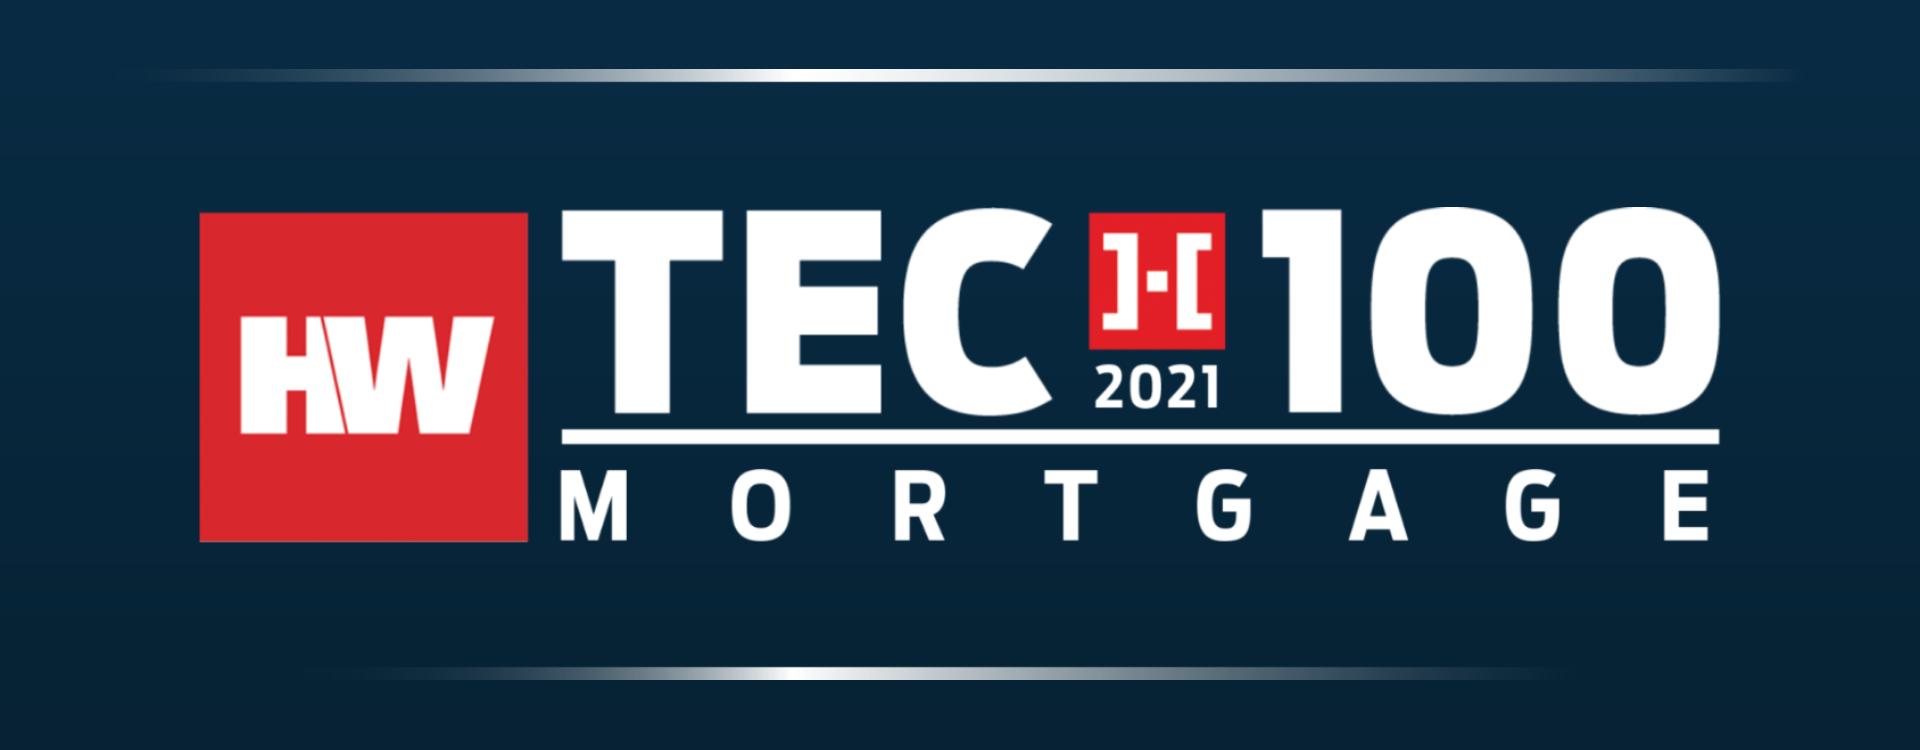 2021 HW Tech100 Mortgage Winners